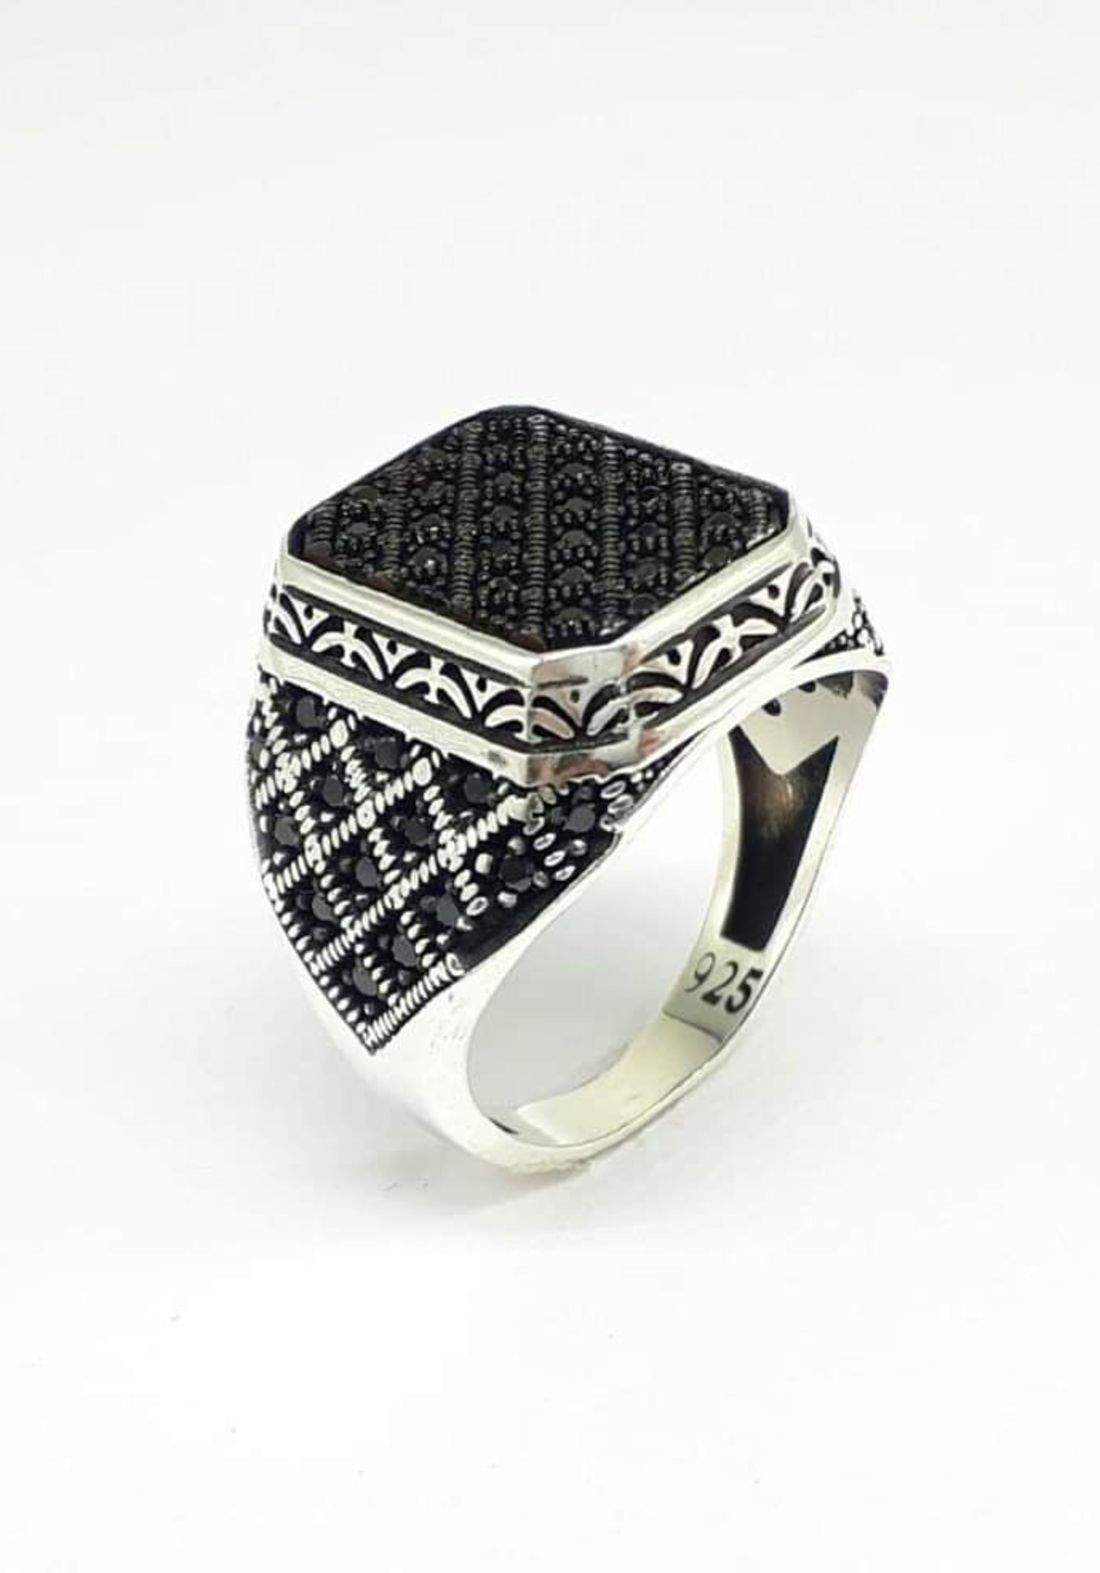 خاتم رجالي  فضة عيار 925  مشبك بفصوص سوداء اللون صياغة تركية